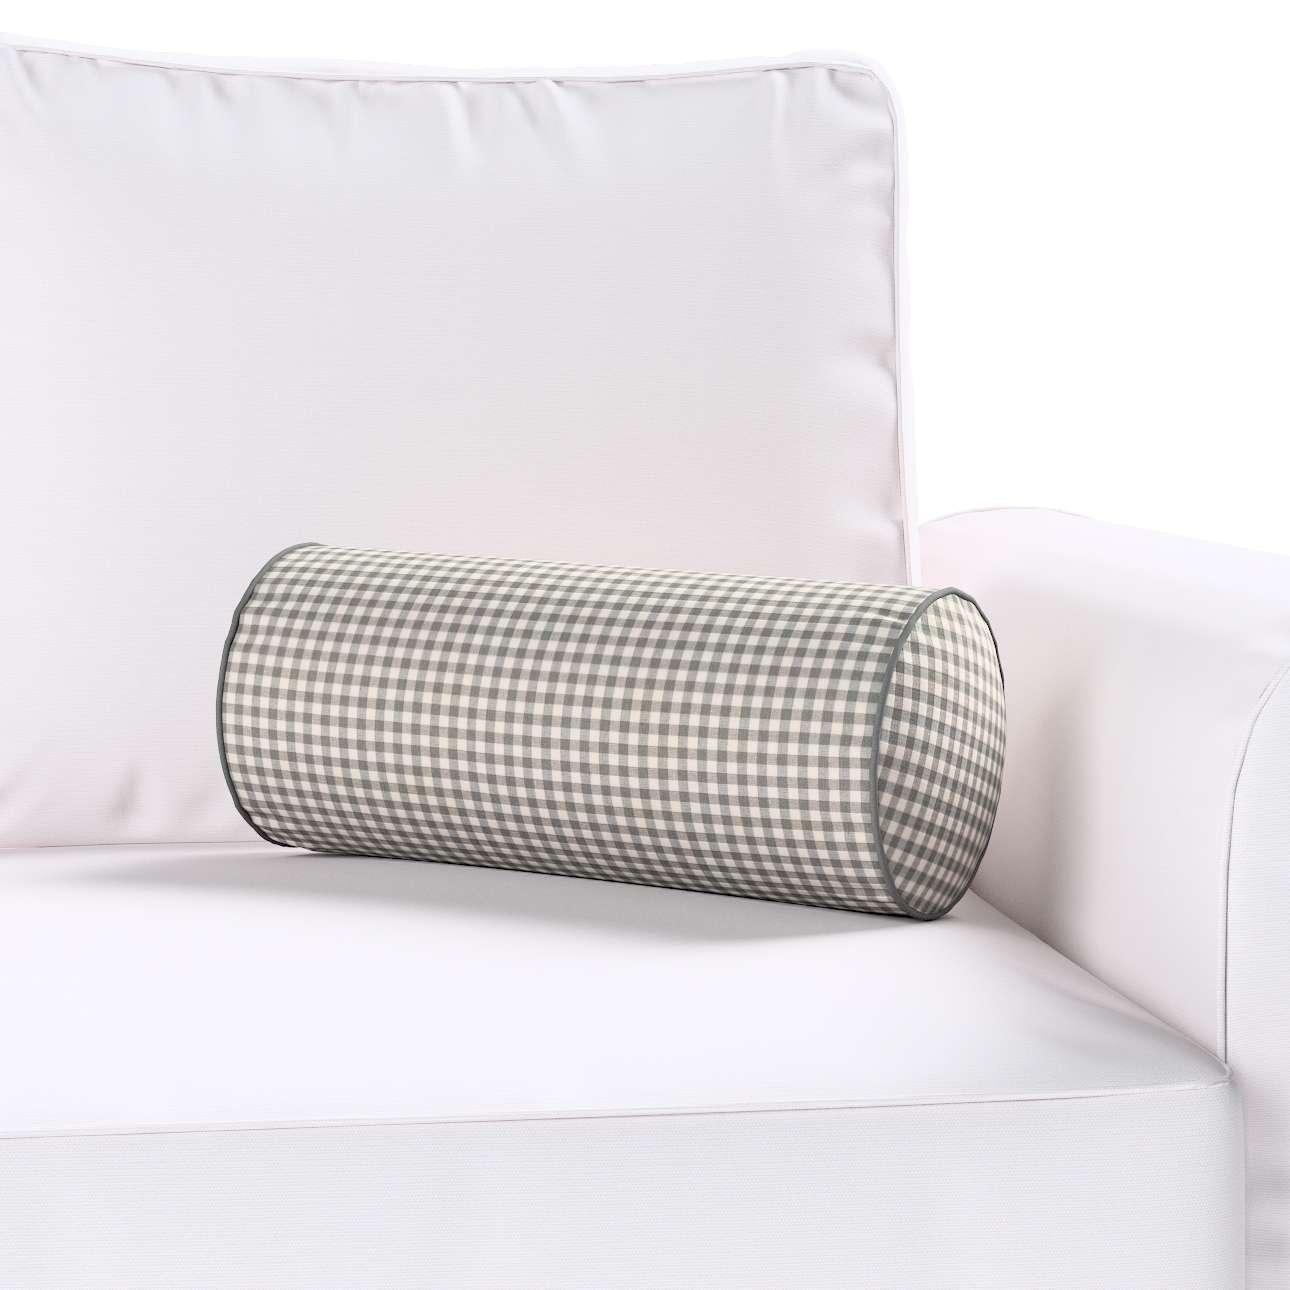 Ritinio formos  pagalvėlės užvalkalas Ø 16 x 40 cm (6 x 16 inch) kolekcijoje Quadro, audinys: 136-10